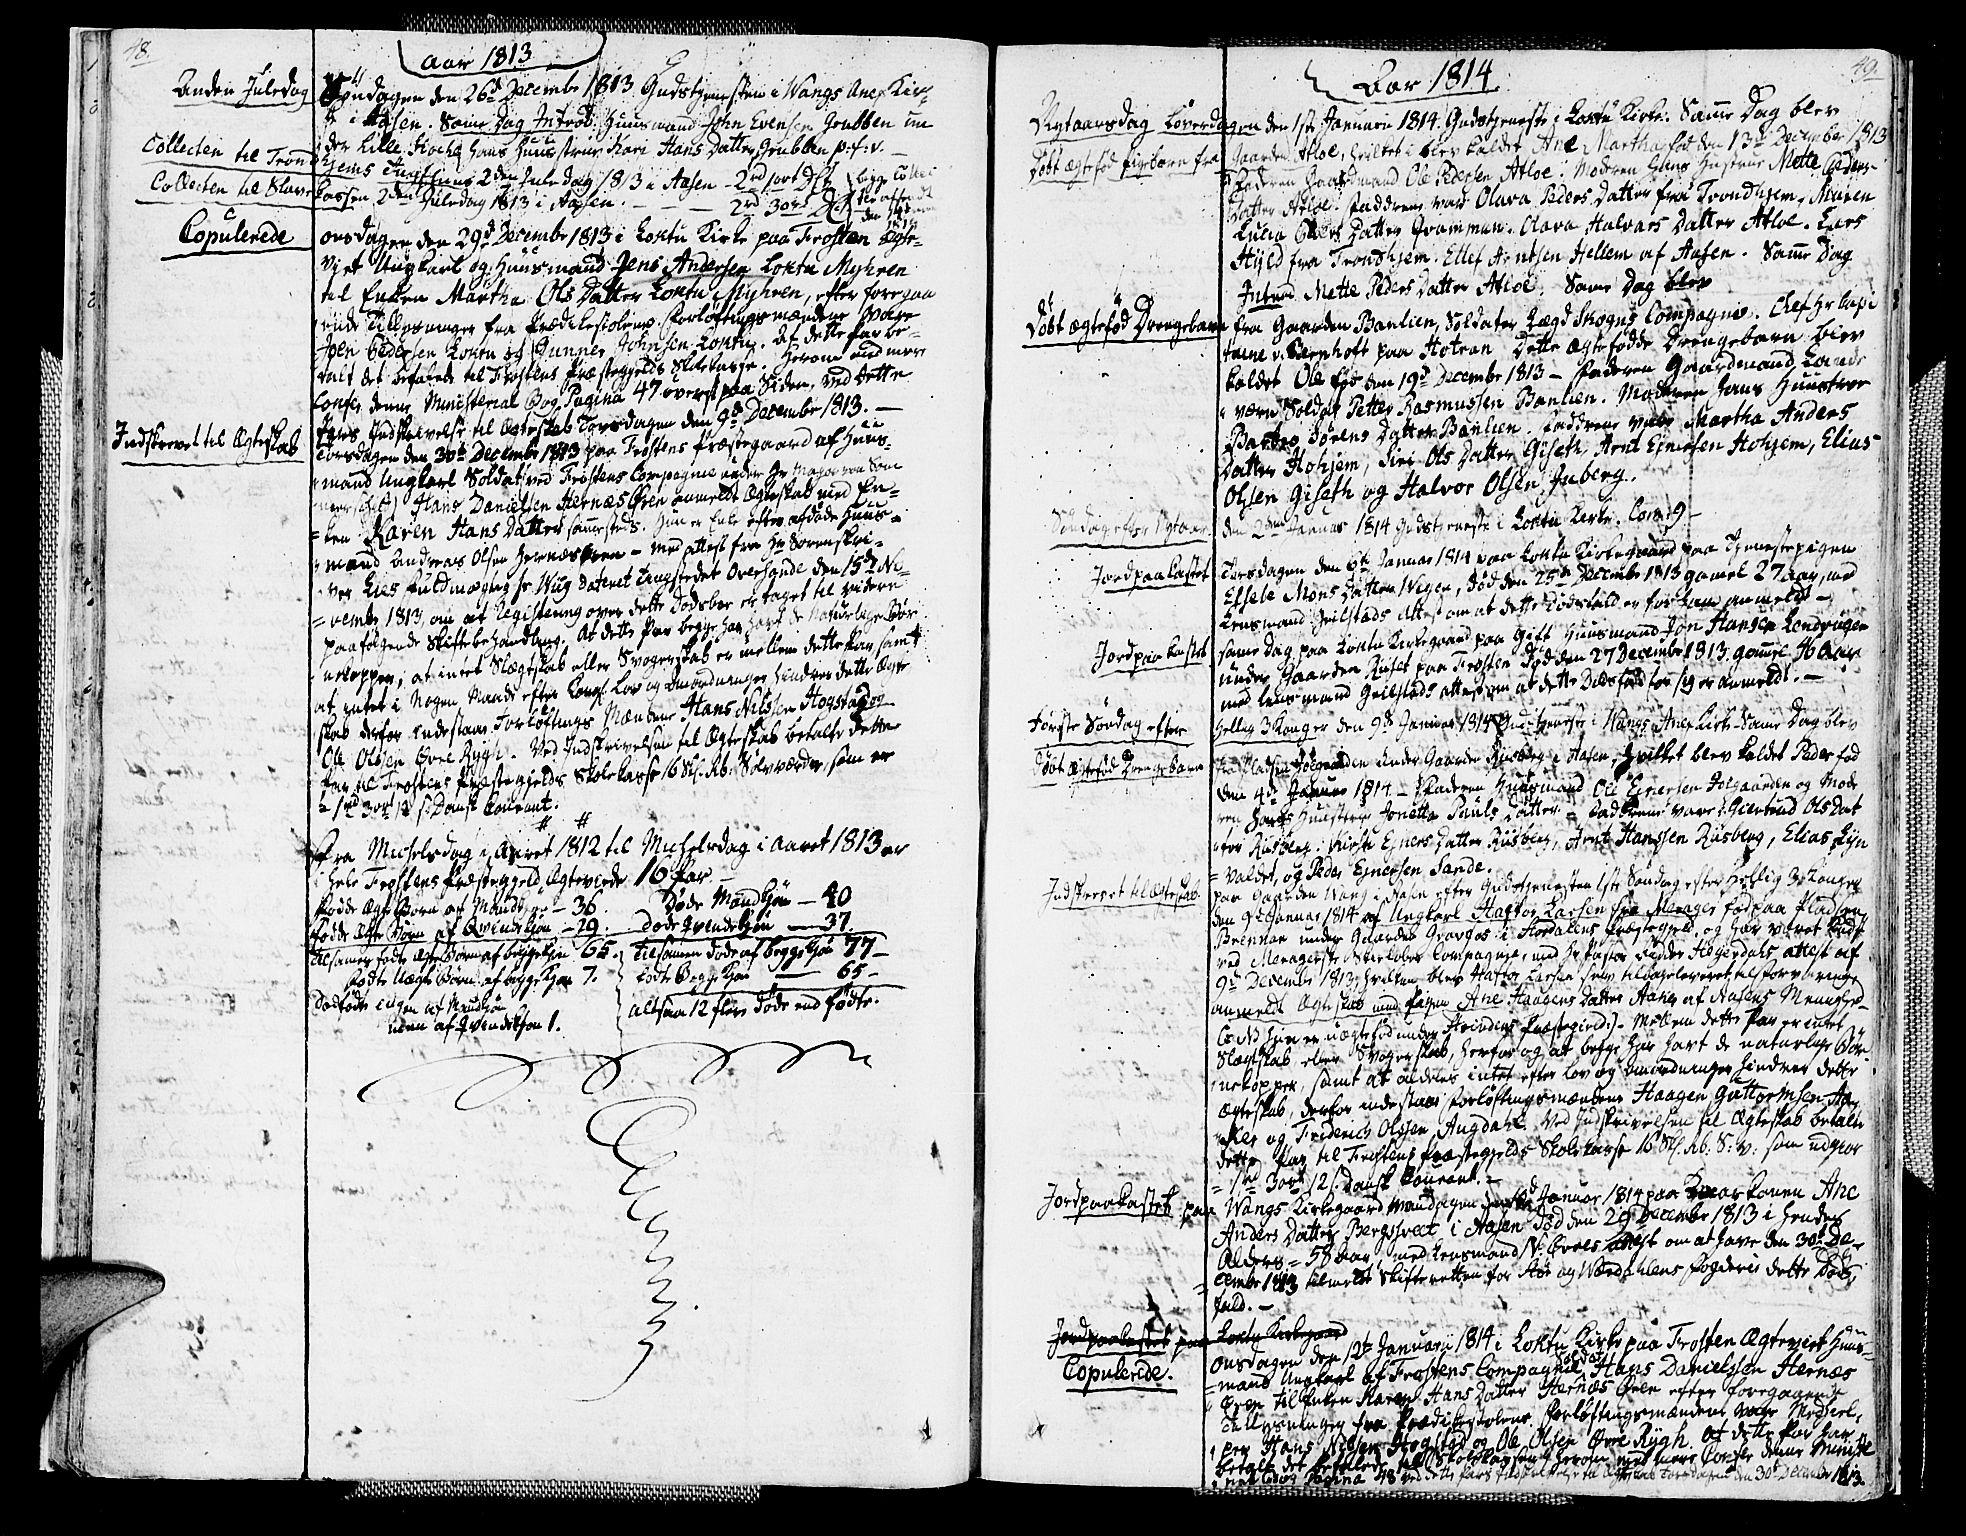 SAT, Ministerialprotokoller, klokkerbøker og fødselsregistre - Nord-Trøndelag, 713/L0111: Parish register (official) no. 713A03, 1812-1816, p. 48-49